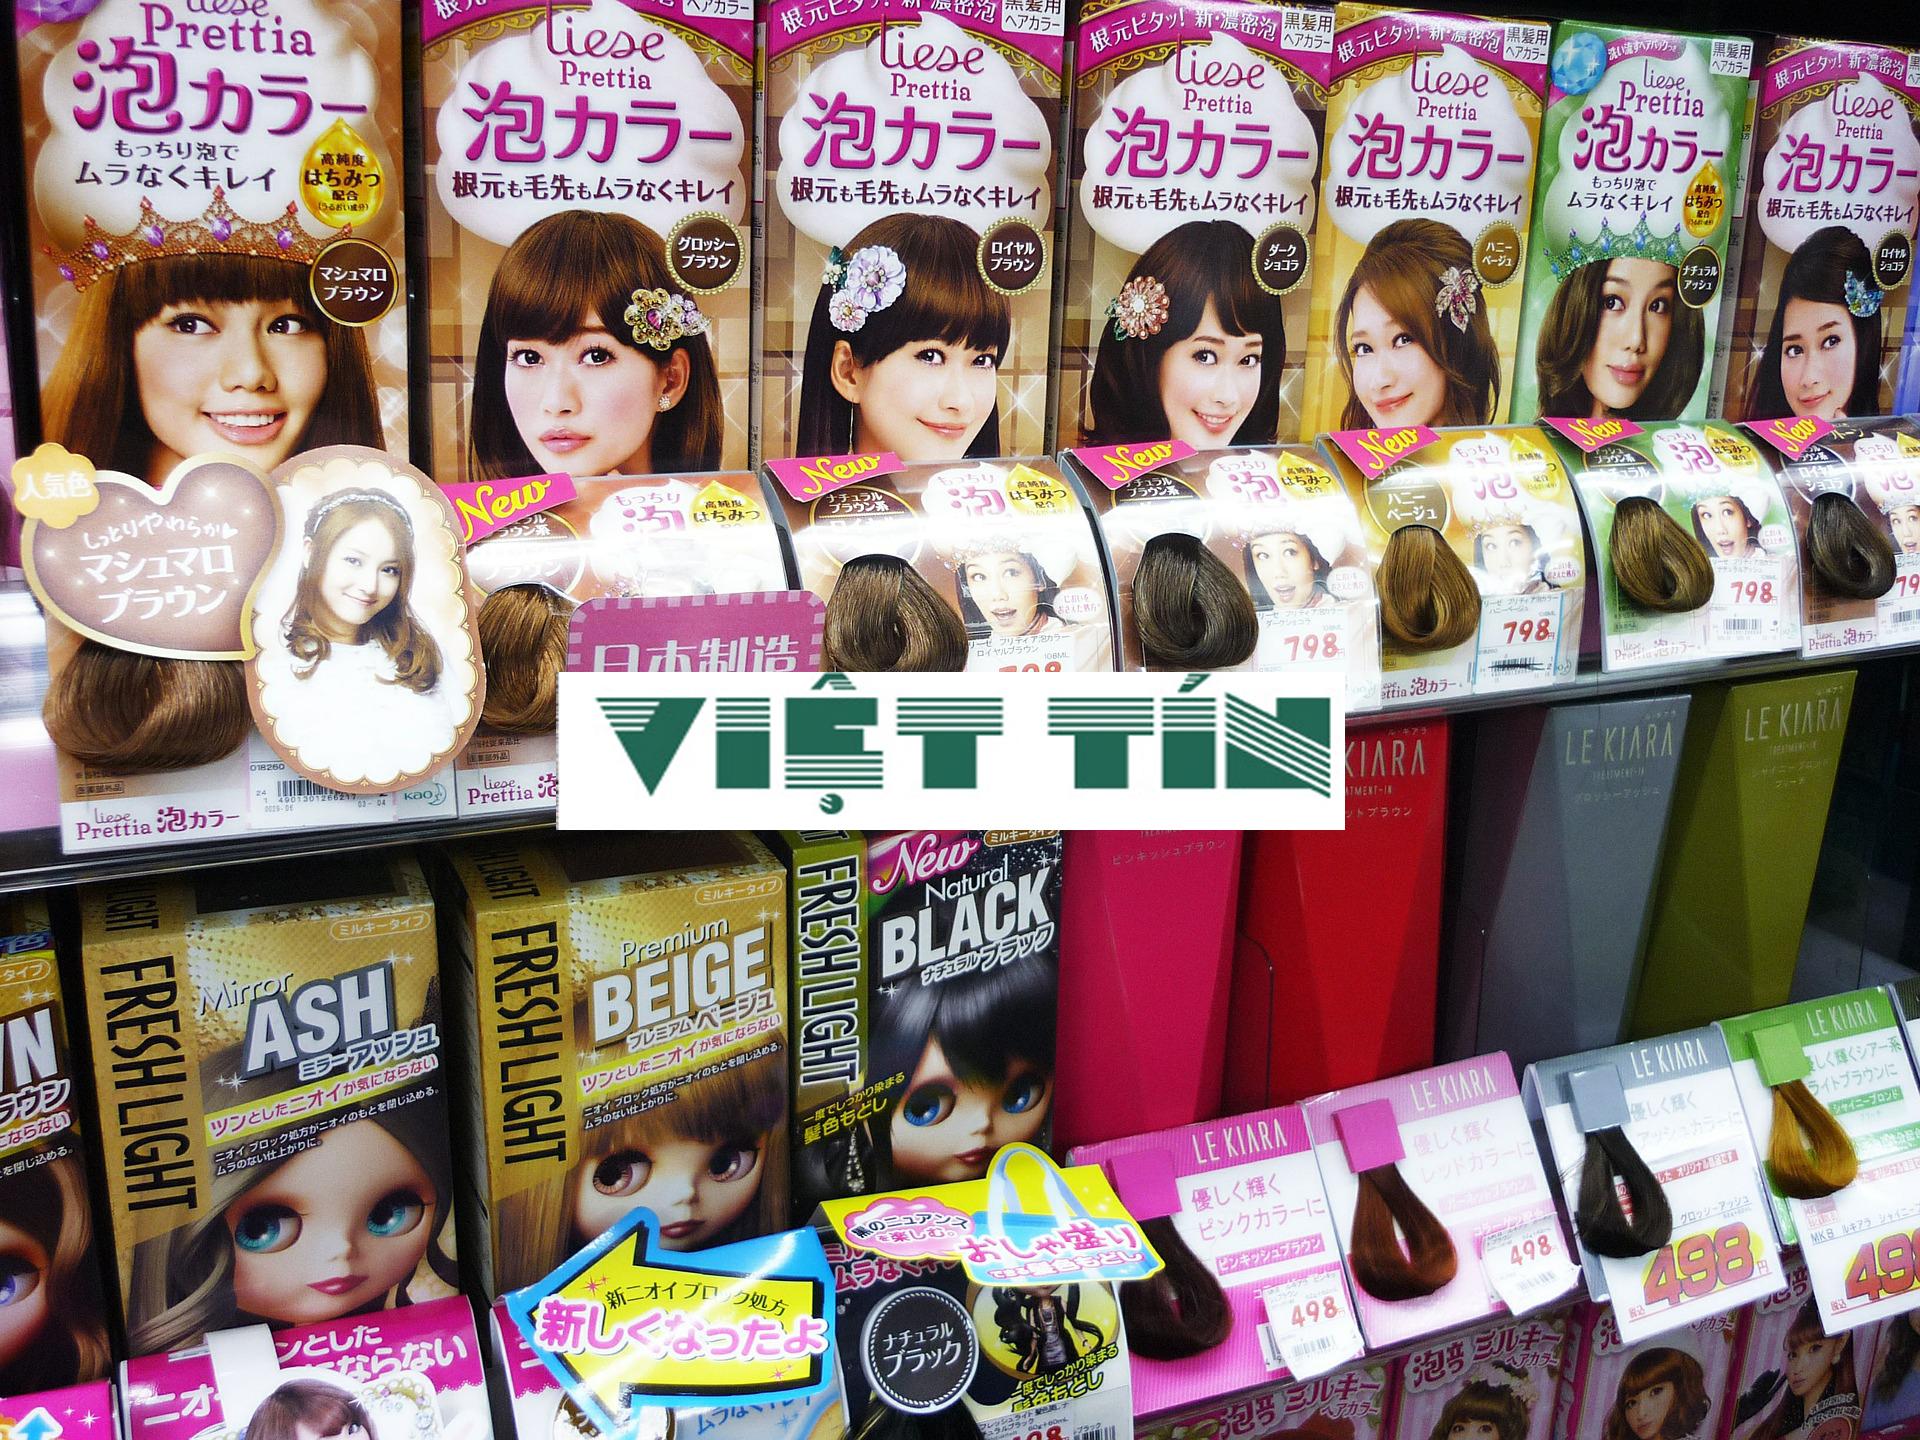 Thuốc nhuộm tóc là mỹ phẩm phải đăng ký lưu hành